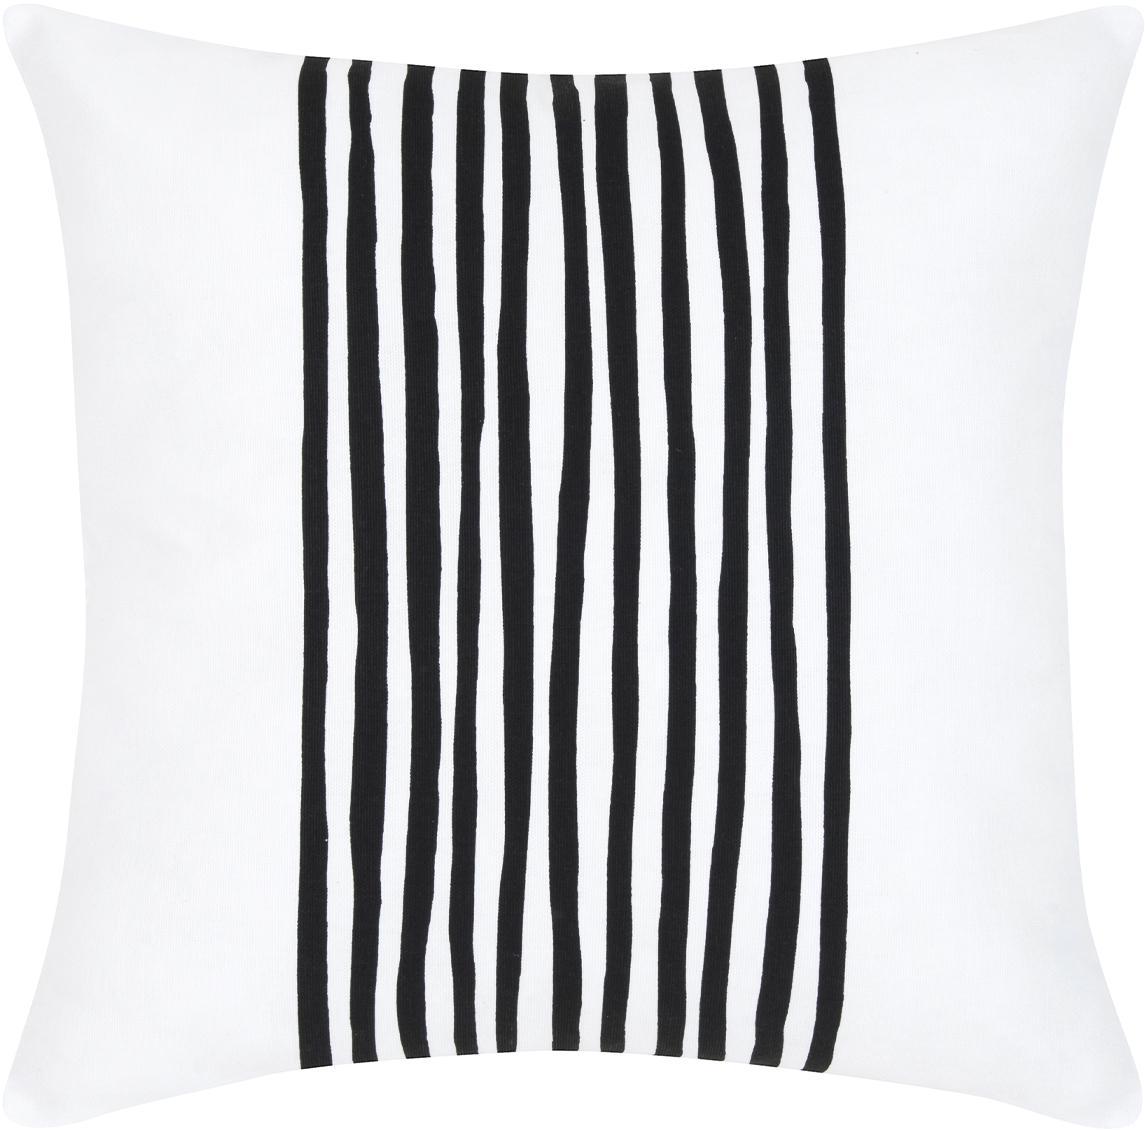 Kussenhoes Corey met strepen in zwart/wit, Katoen, Zwart, wit, 40 x 40 cm